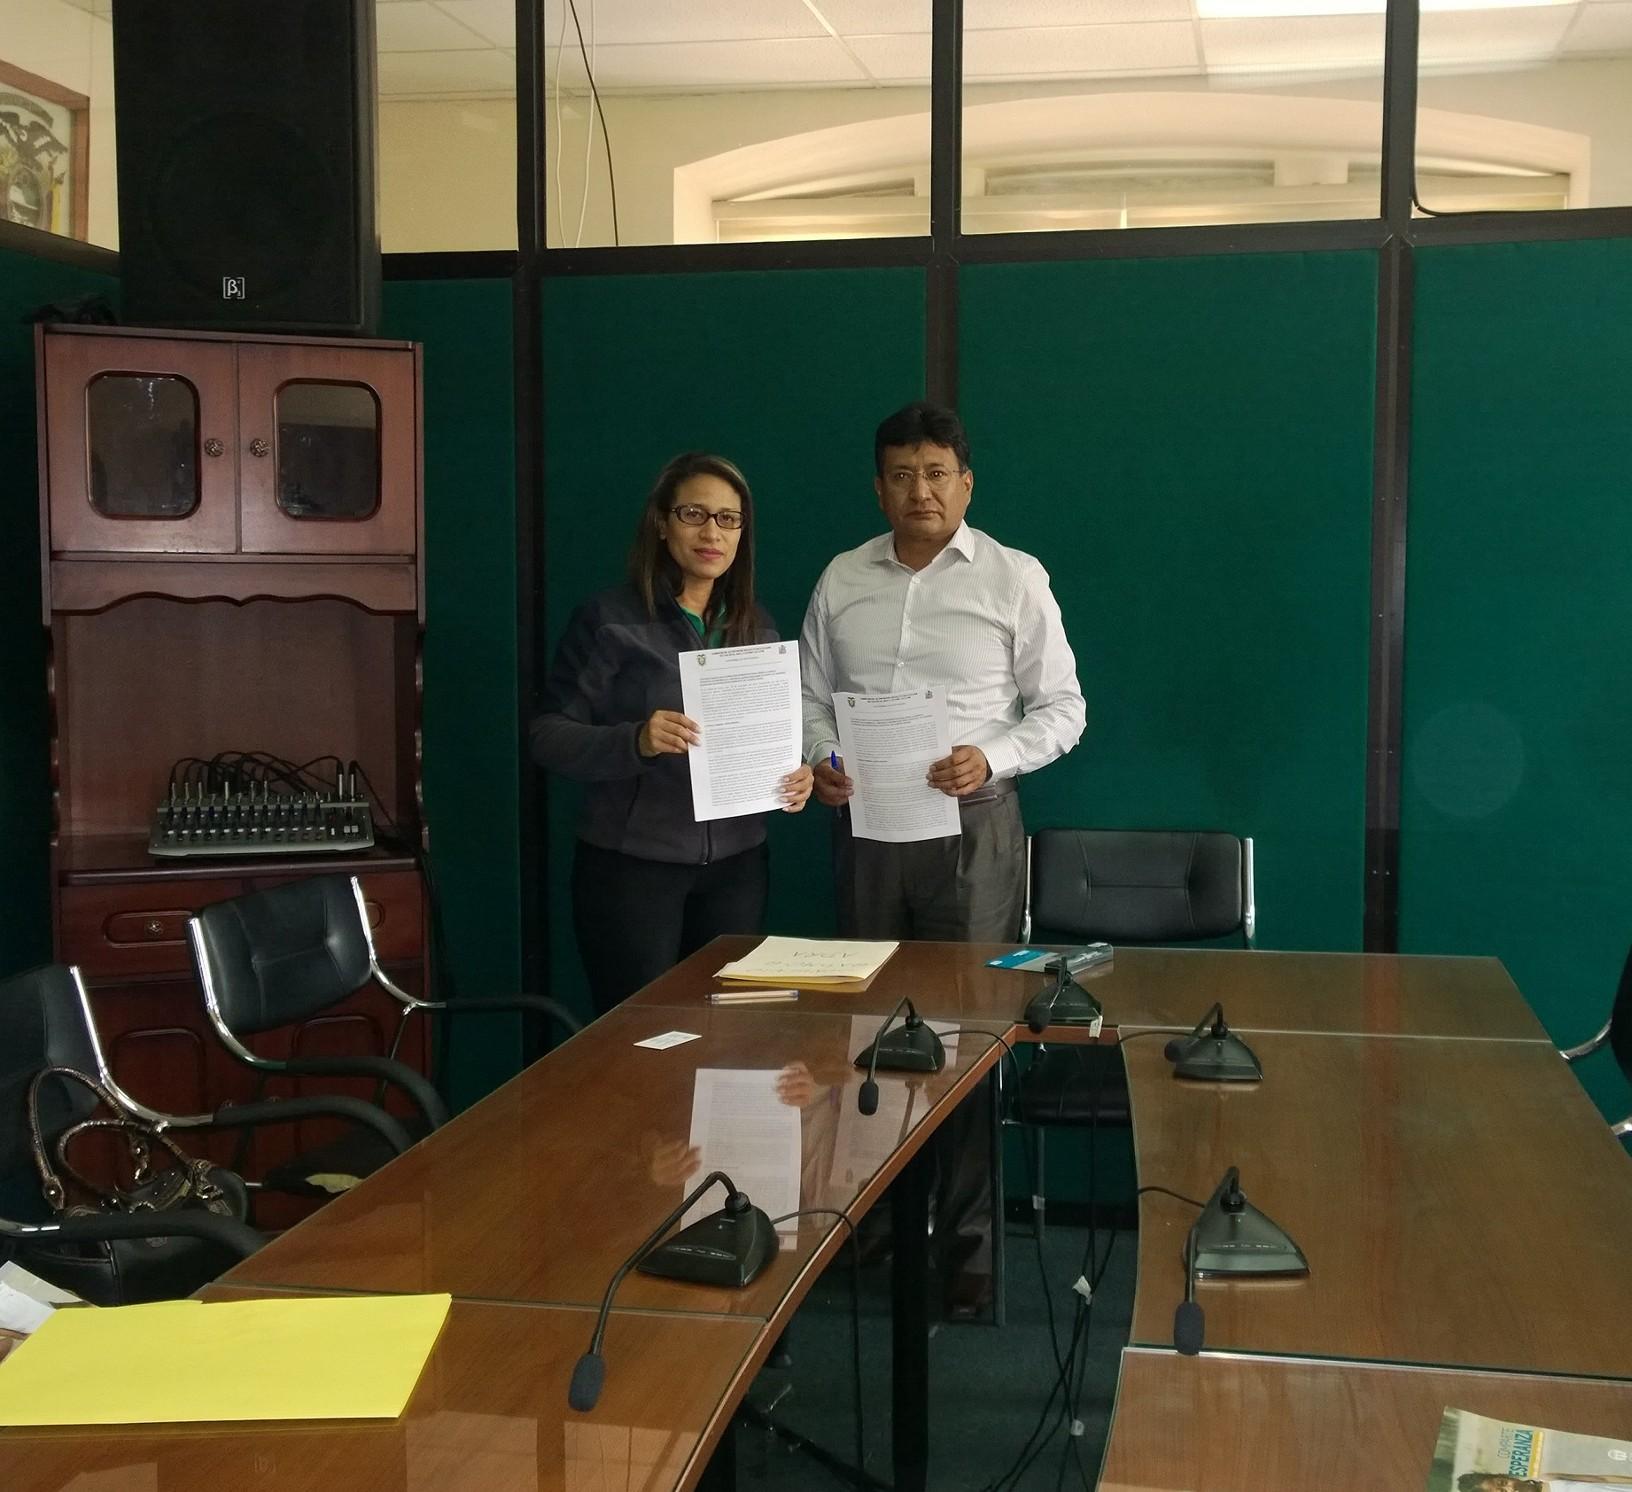 Un hospital y doce puestos de salud funcionarán en el Campori sudamericano  Noticias